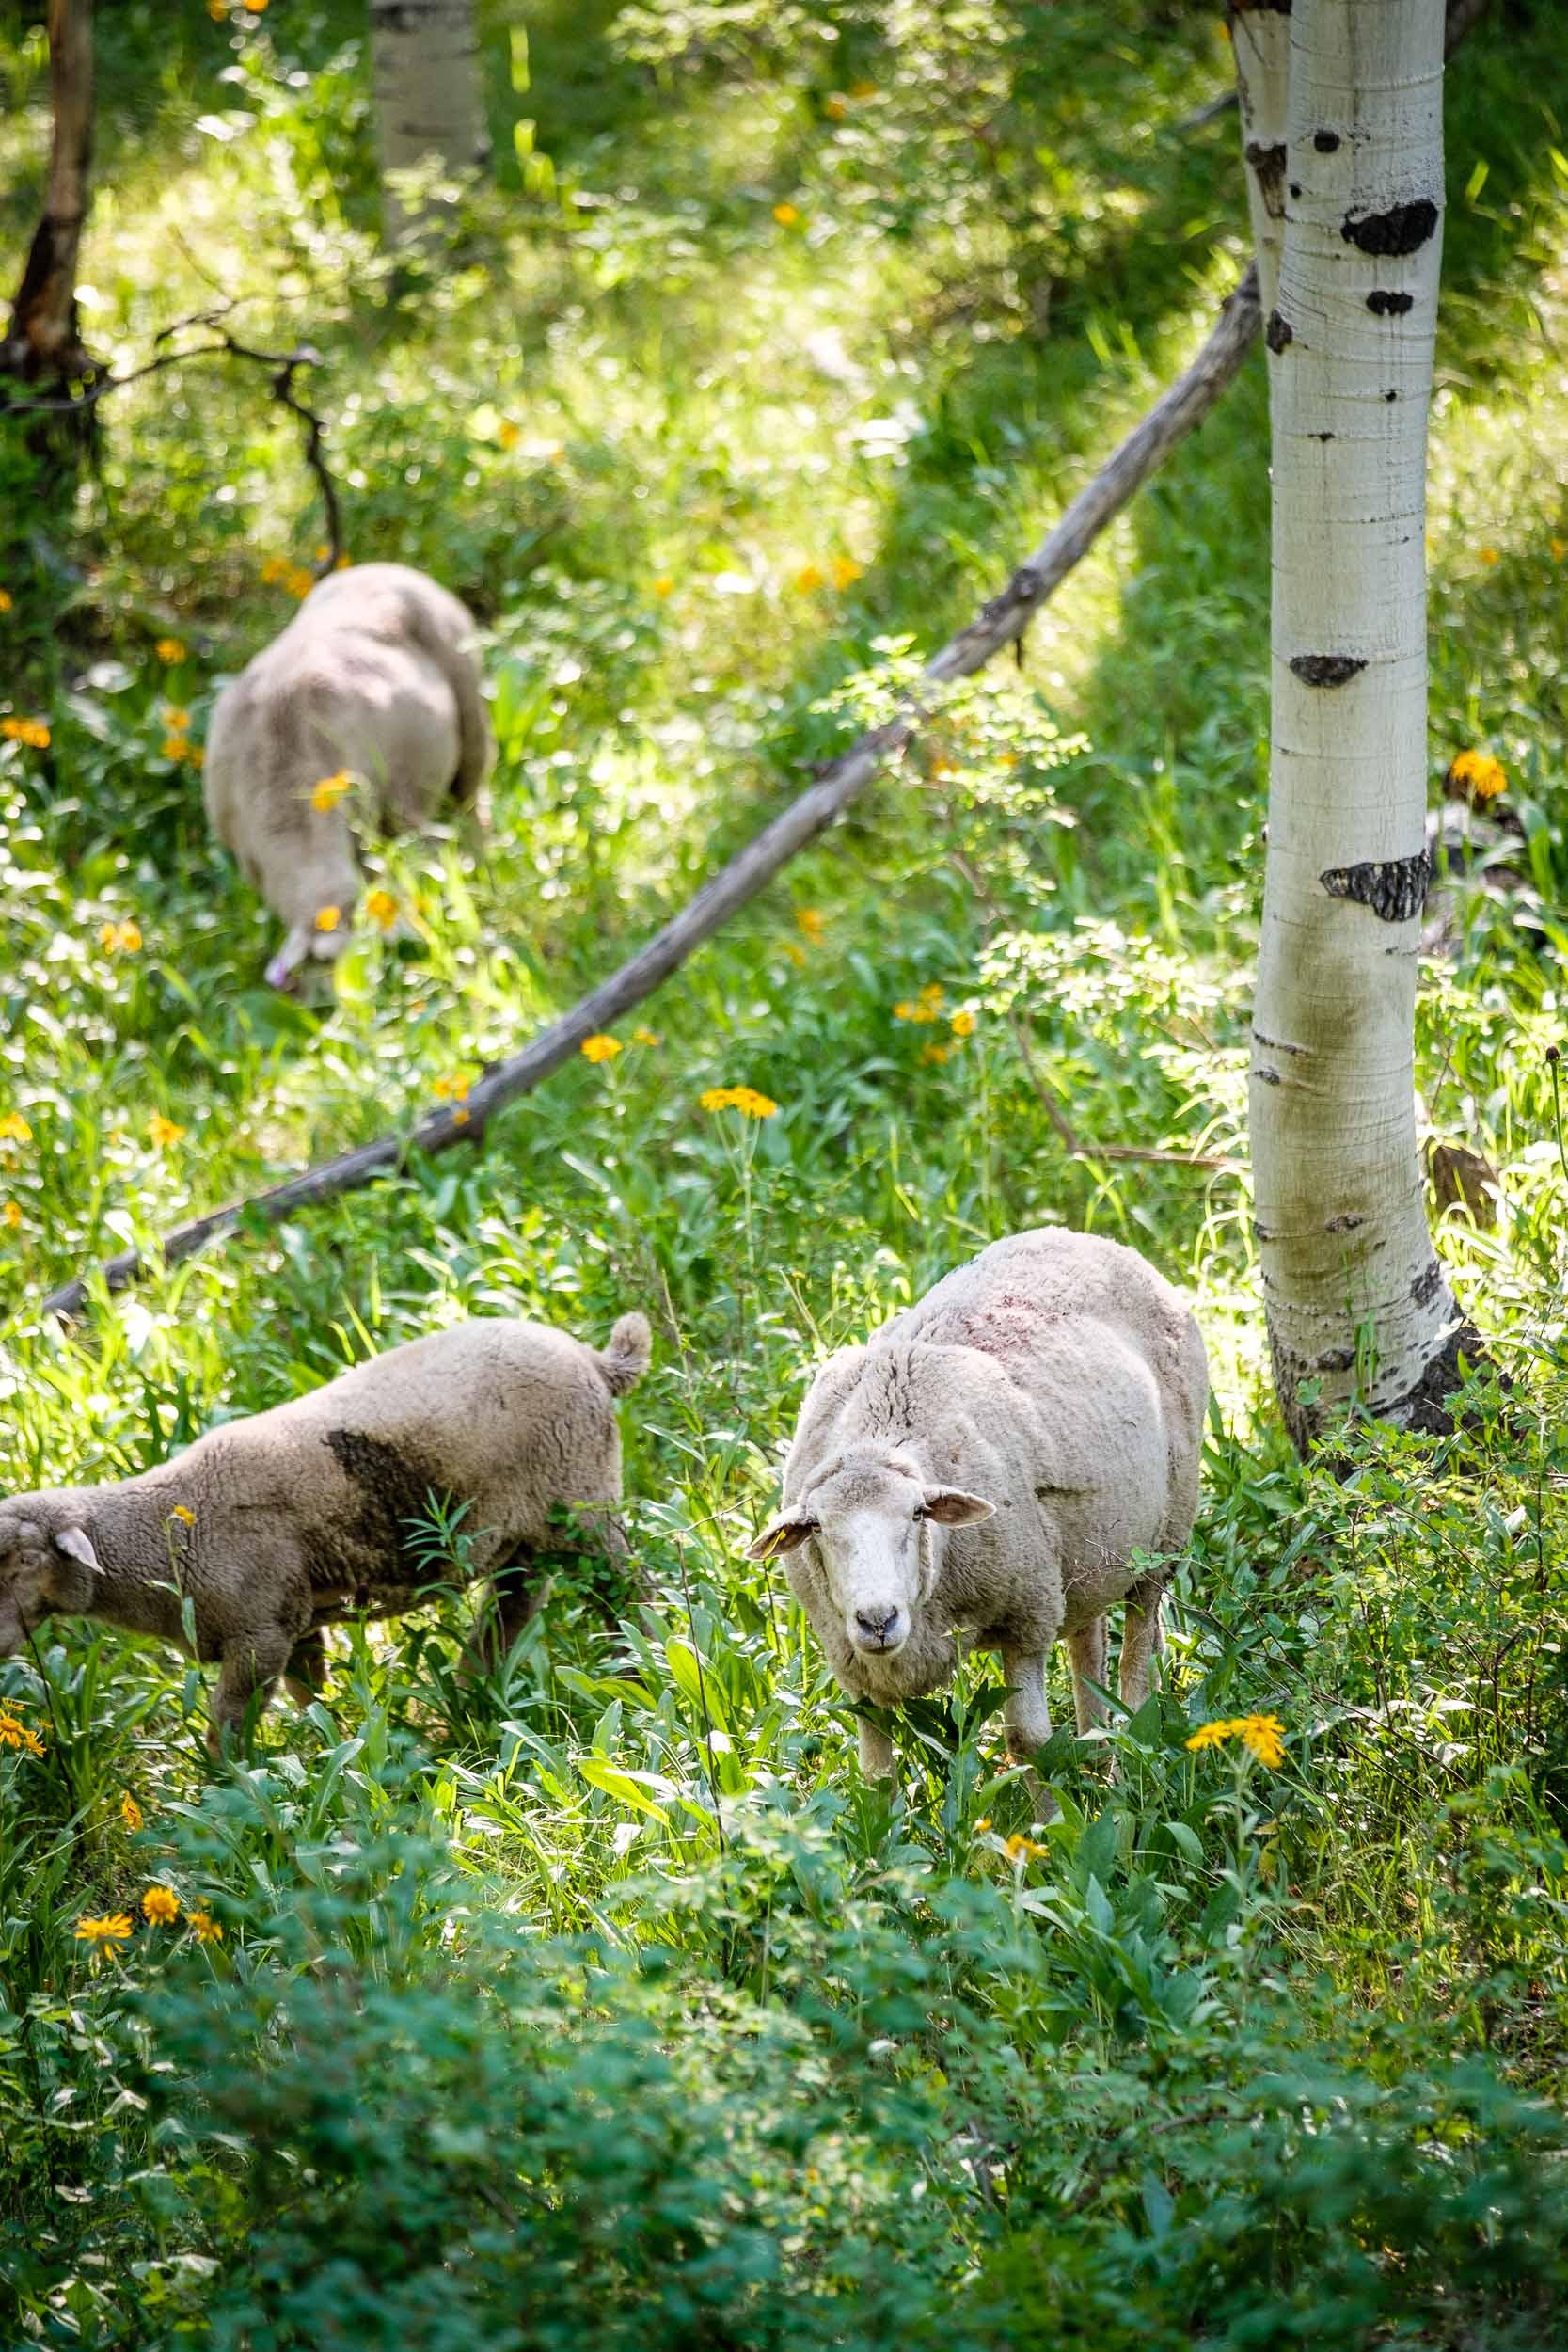 Sheep grazing along Kebler Pass, Fuji XT2, 50-140mm f/2.8 @ 61mm